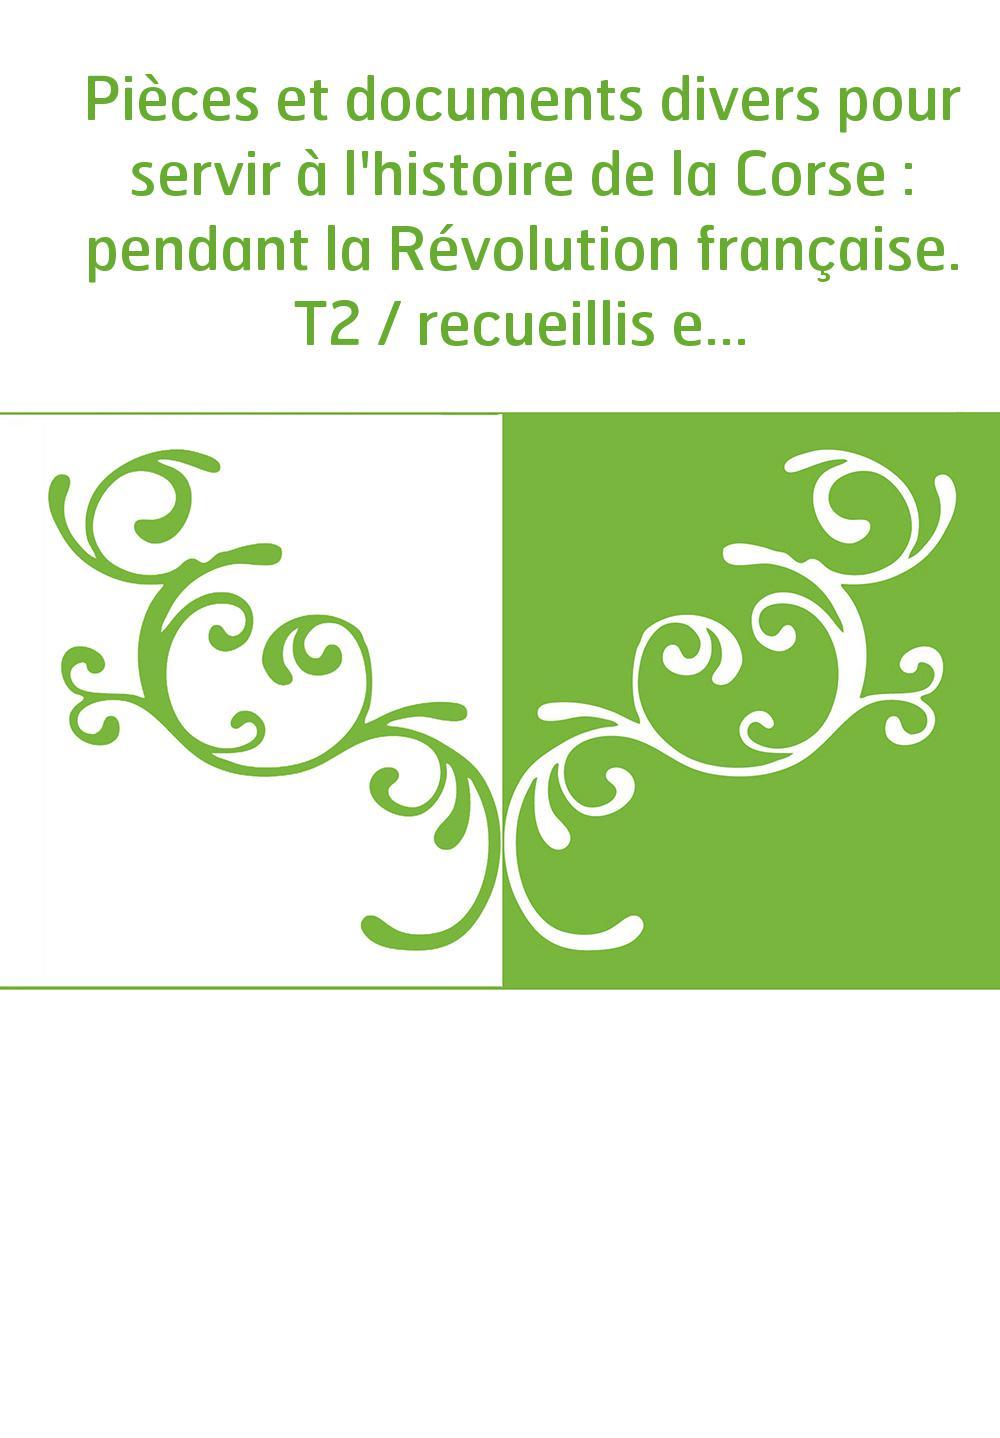 Pièces et documents divers pour servir à l'histoire de la Corse : pendant la Révolution française. T2 / recueillis et publiés pa